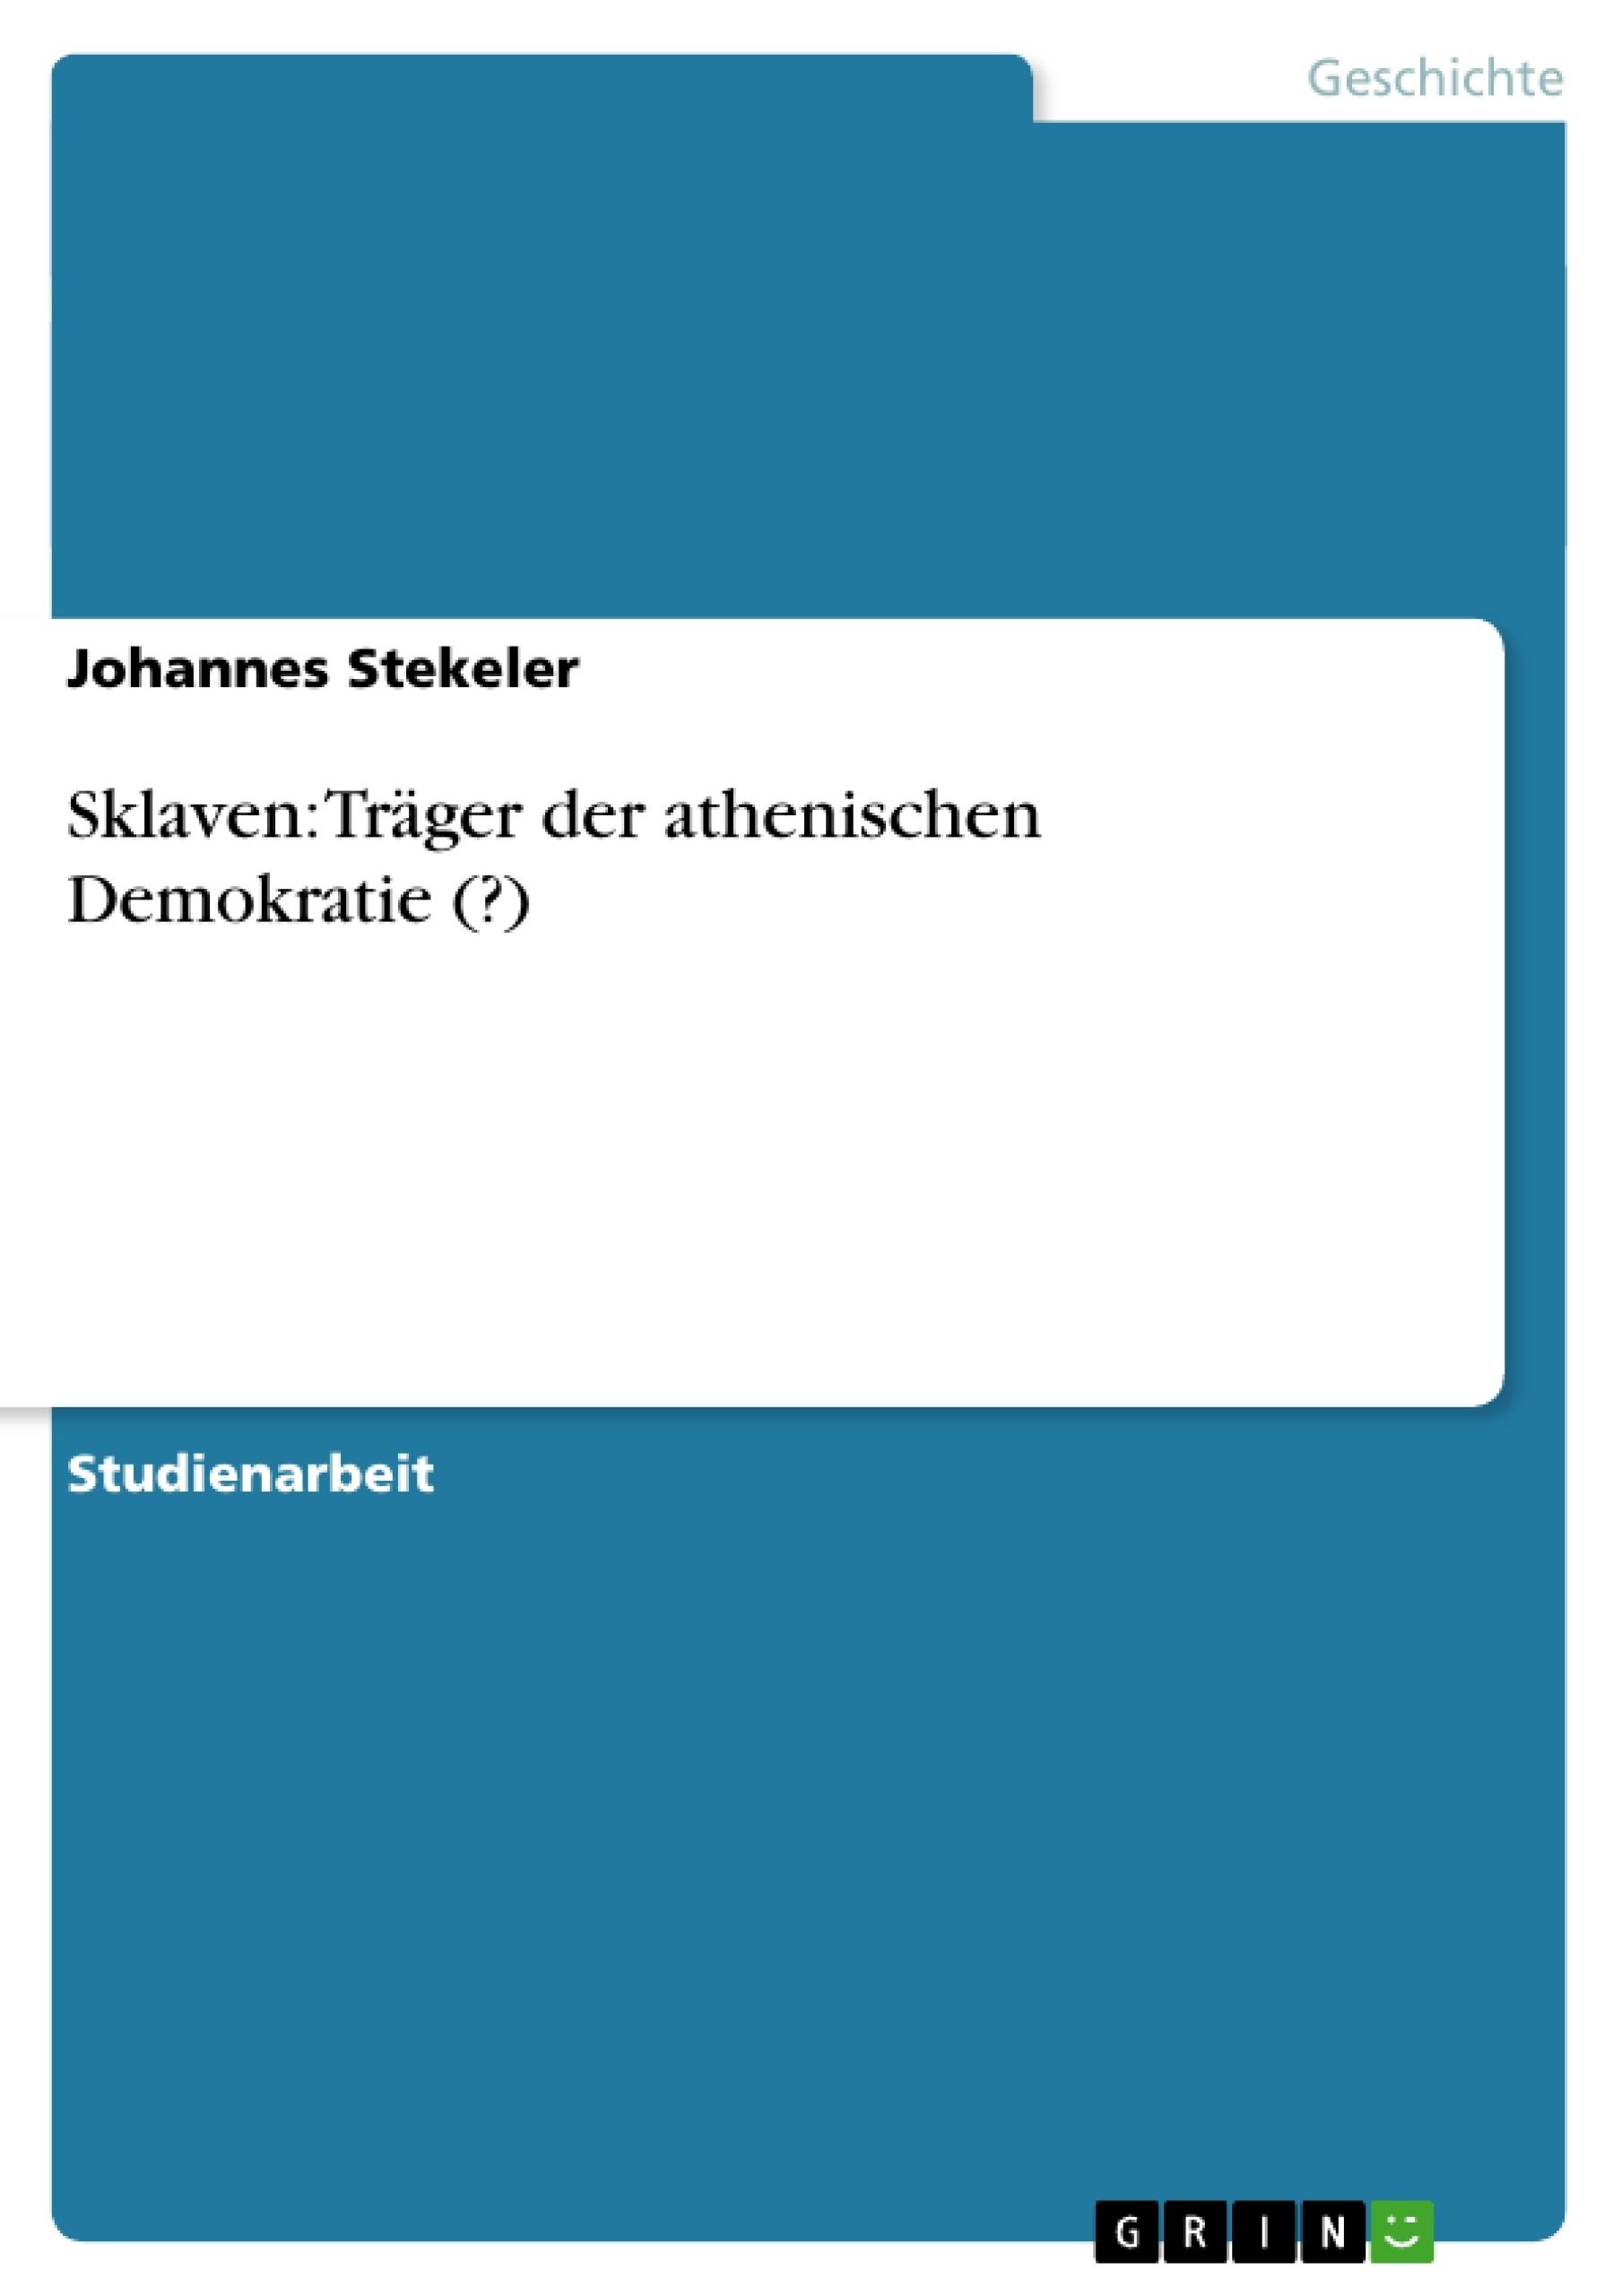 Titel: Sklaven: Träger der athenischen Demokratie (?)